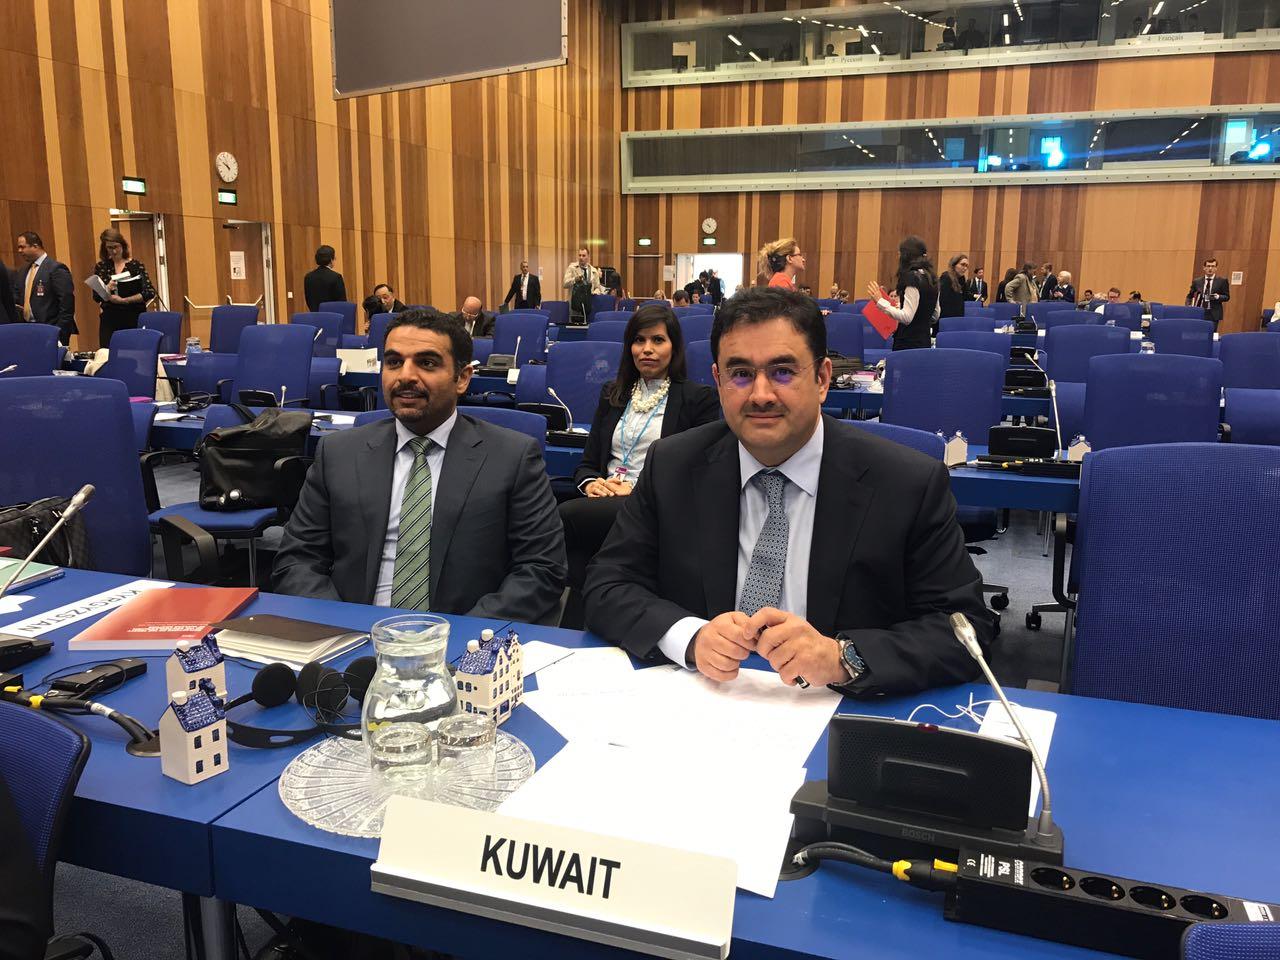 NPT2017 - السفير معرفي: الكويت ملتزمة بتطبيق كل الإجراءات الدولية لمكافحة المخدرات